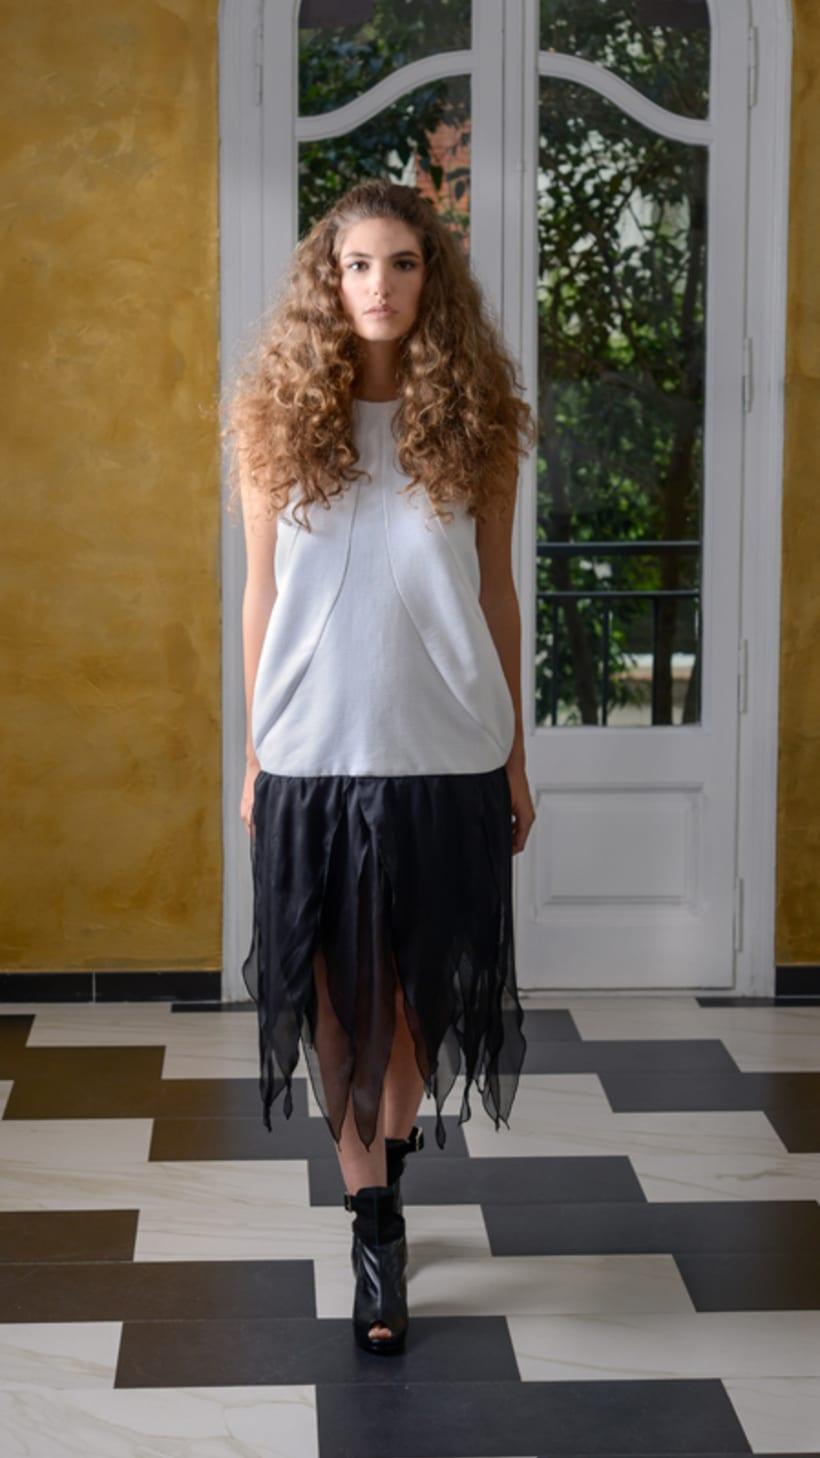 M O D A   E-COMMERCE: Look-Book Agnès Sunyer Verano 2014 7